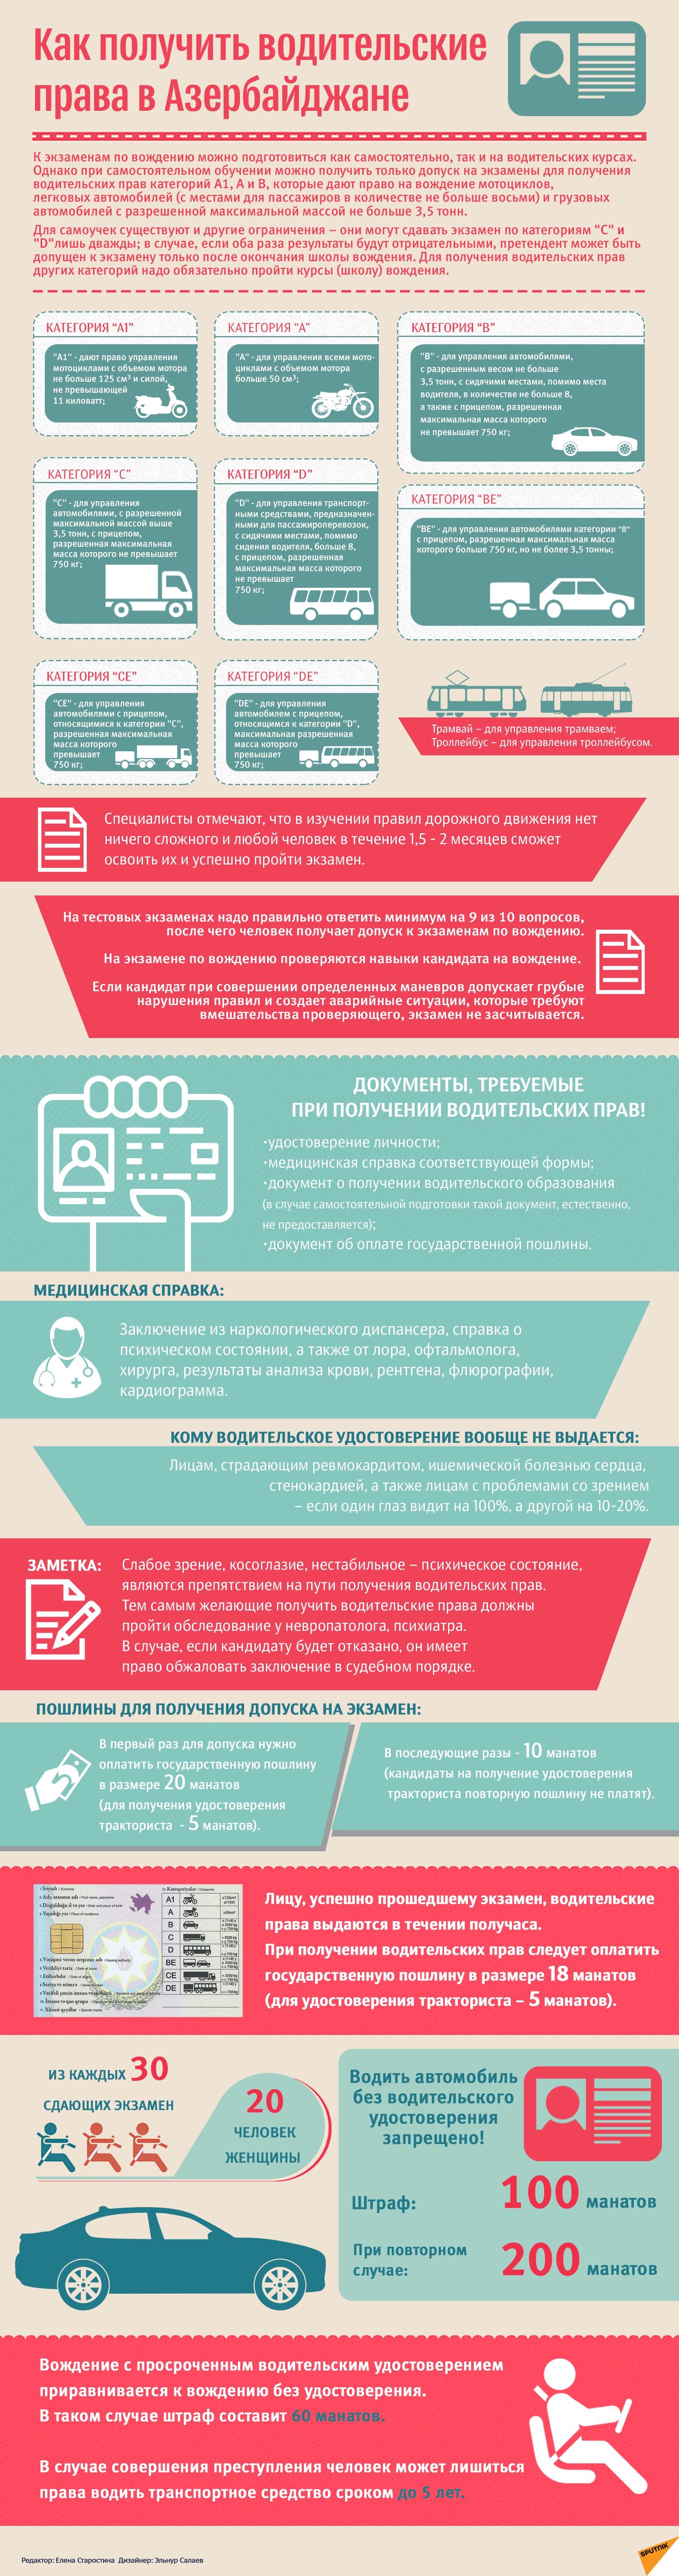 Как получить водительские права в Азербайджане